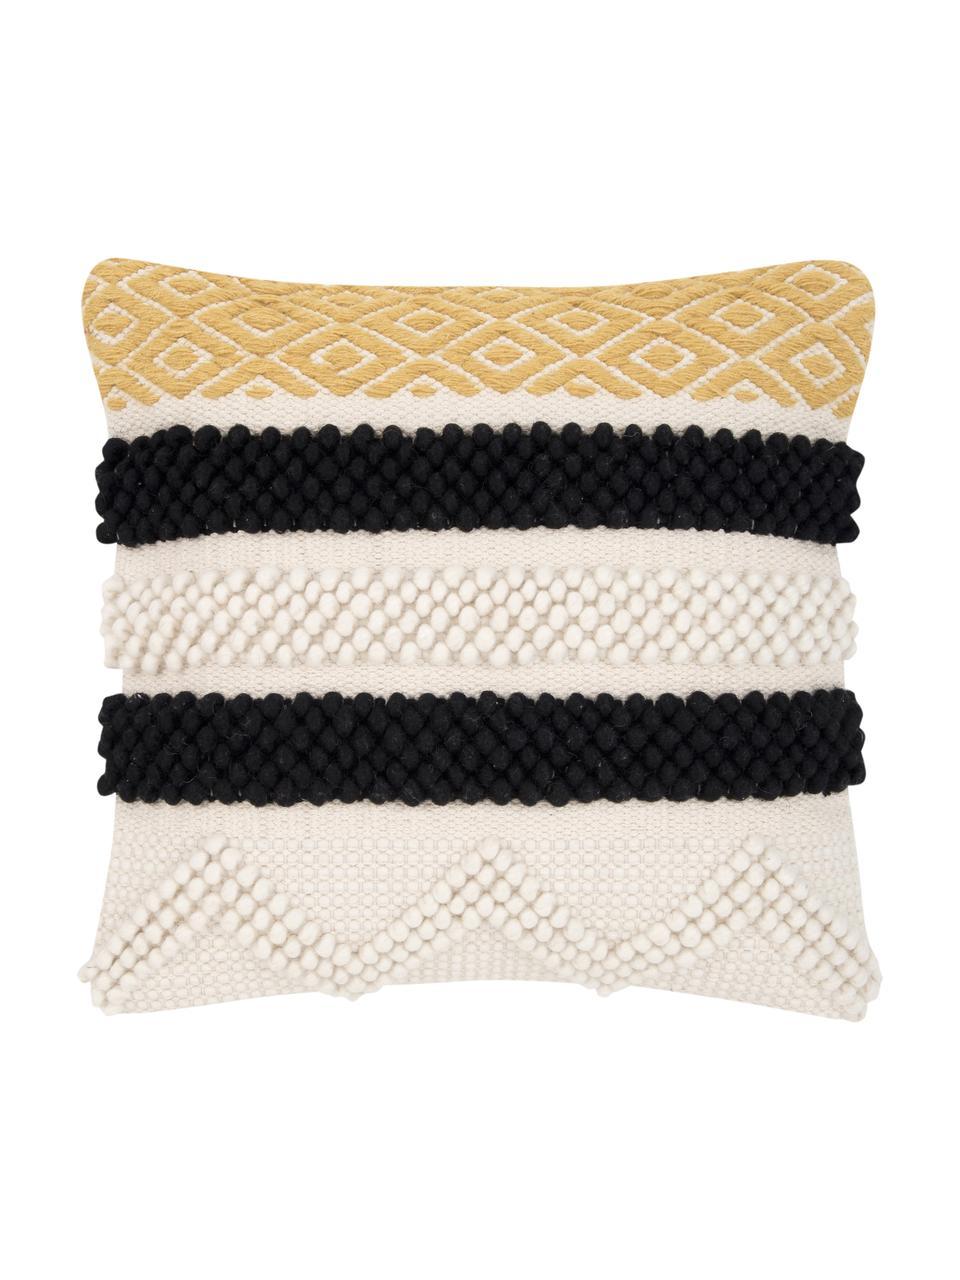 Kussenhoes Takala in boho stijl, 80% wol, 20% katoen, Ecru, zwart, geel, 45 x 45 cm